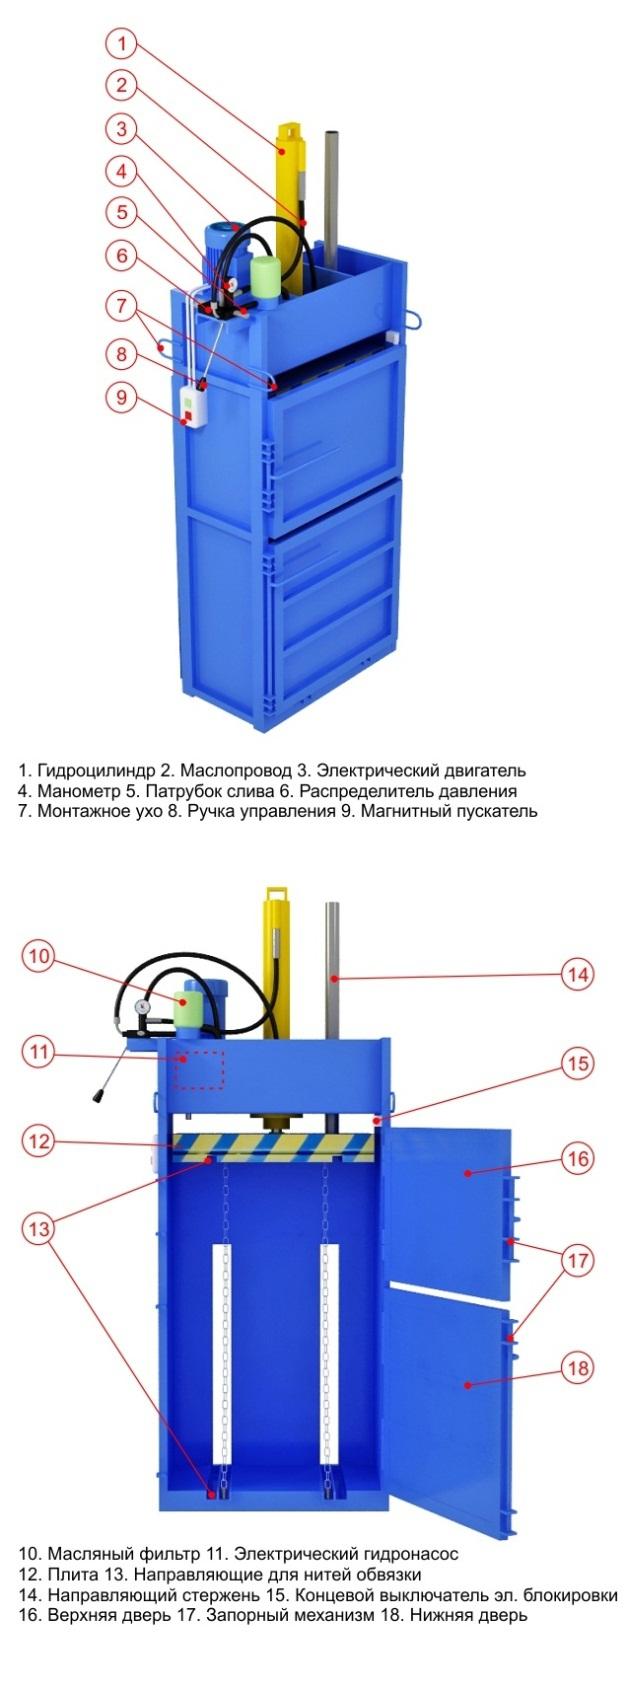 Гидравлический пресс инструкция по эксплуатации